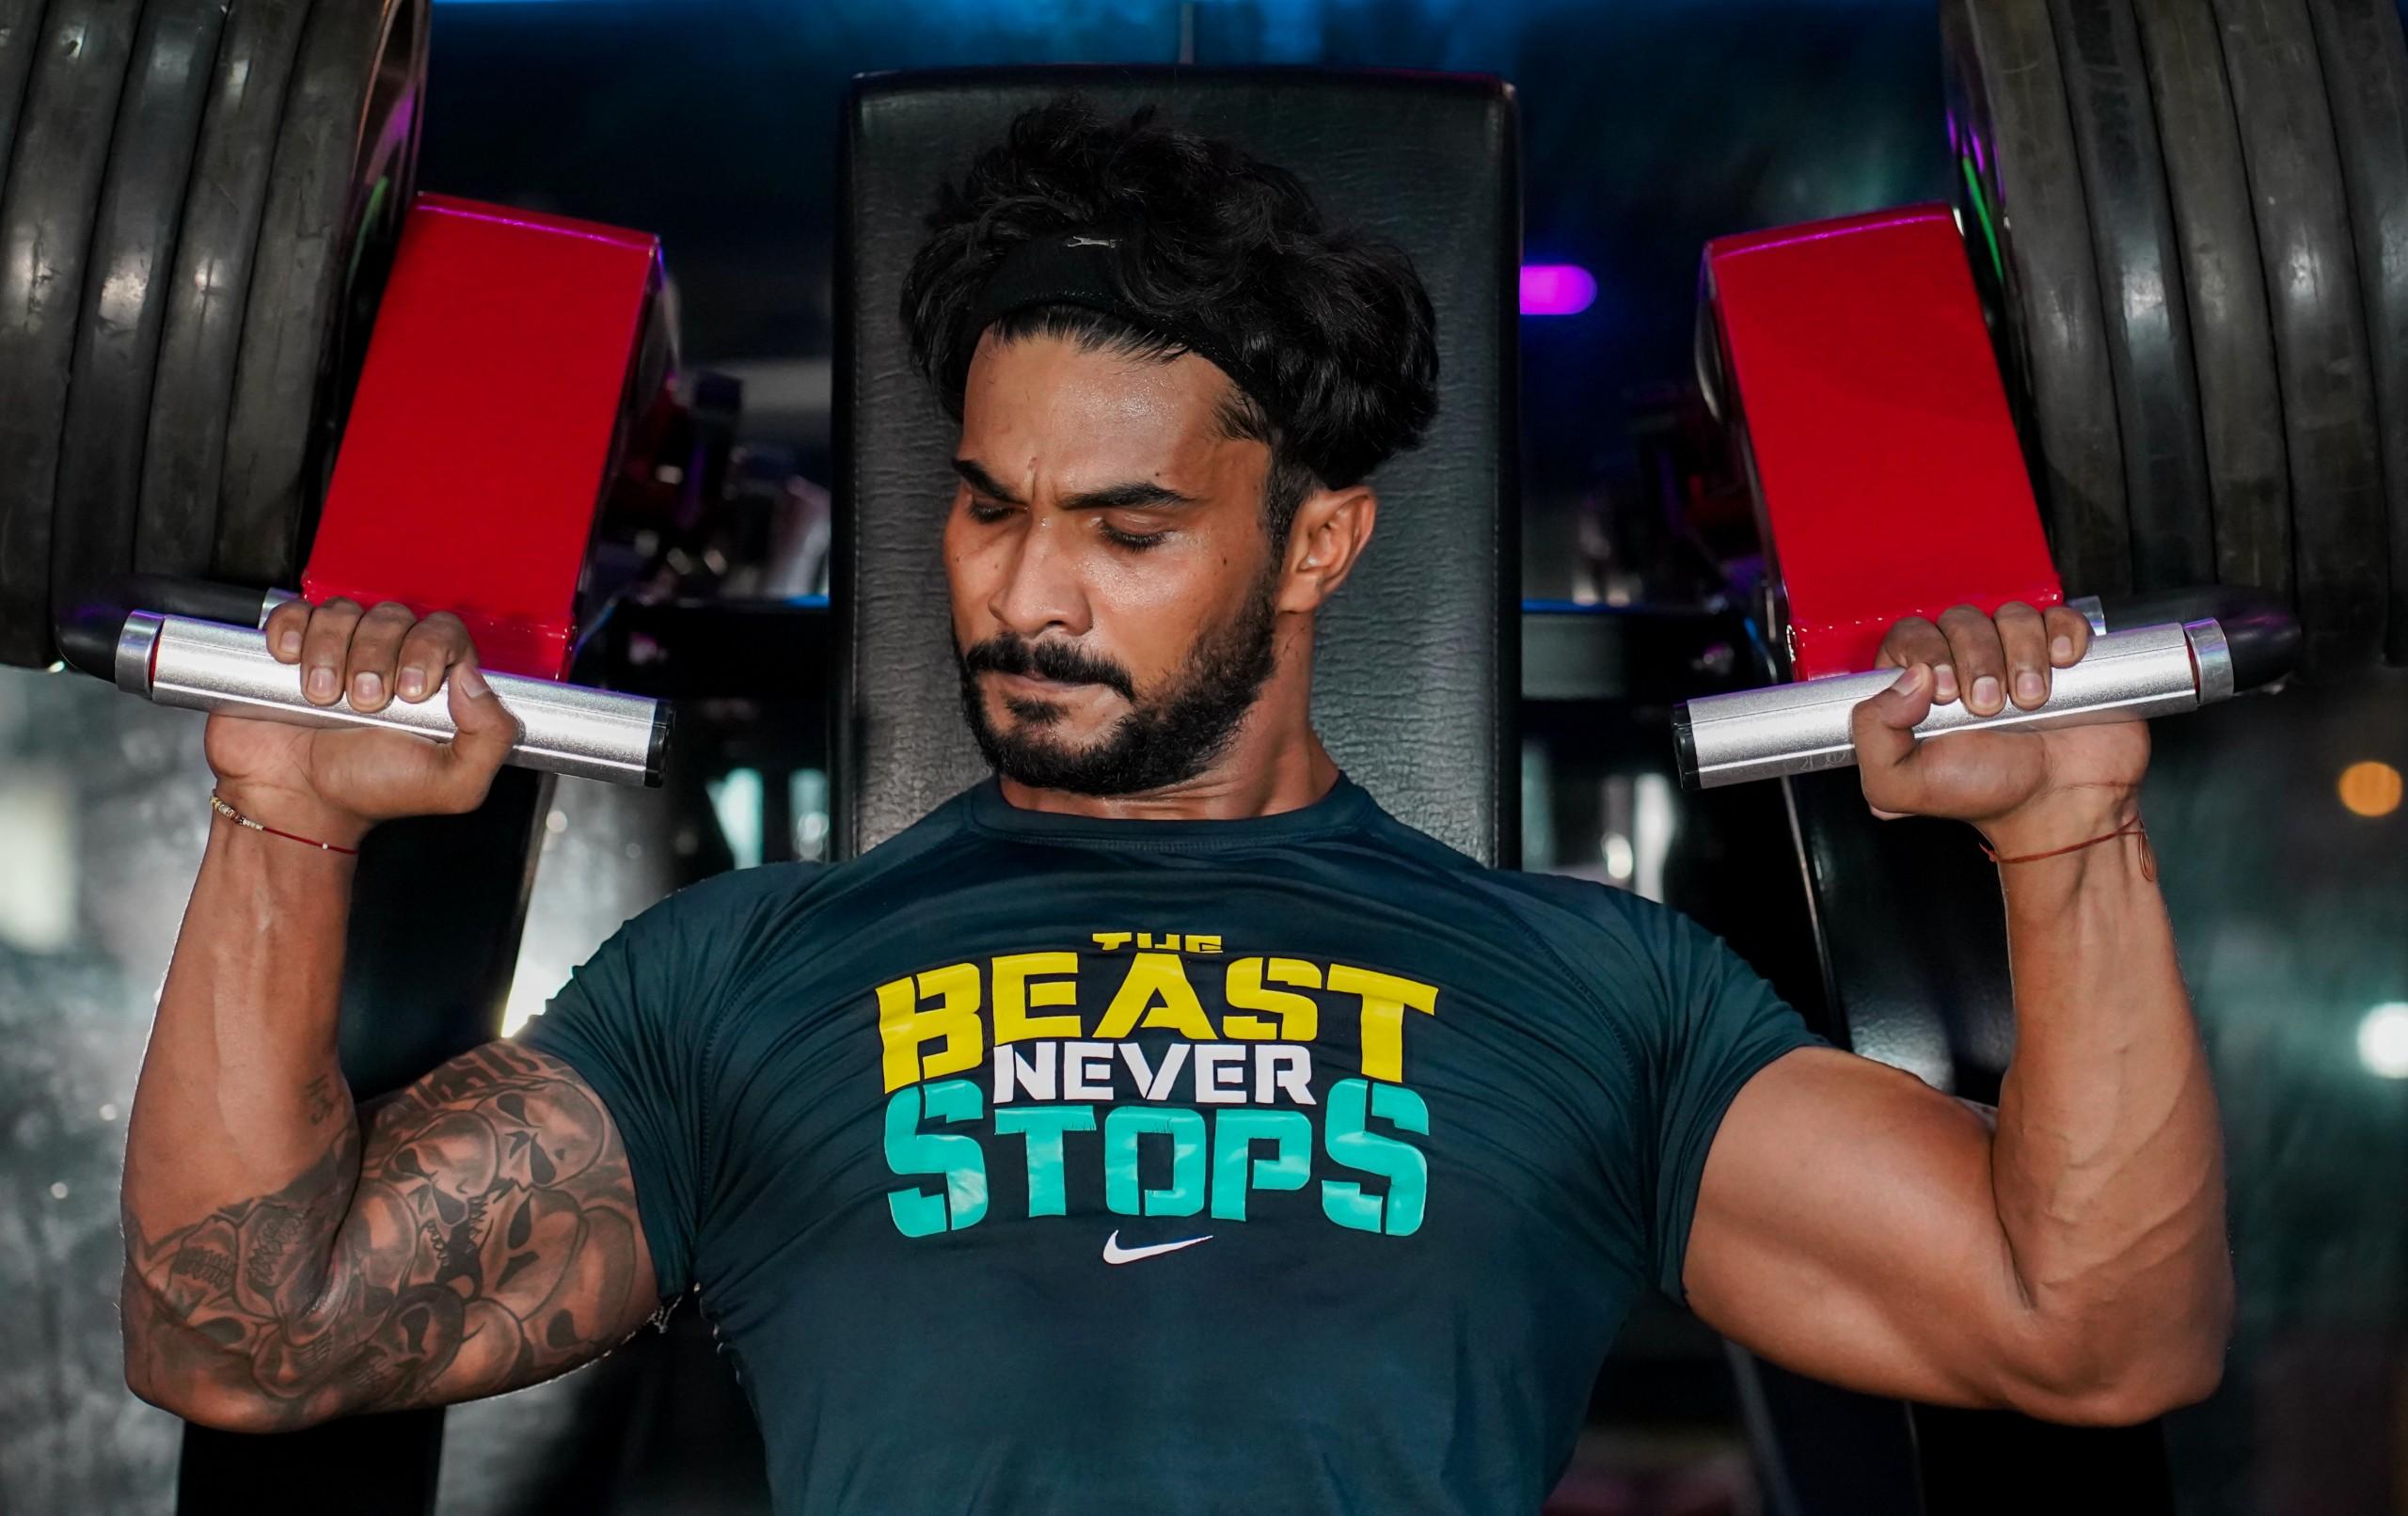 Boydbuilder at Shoulder PRess machine in gym